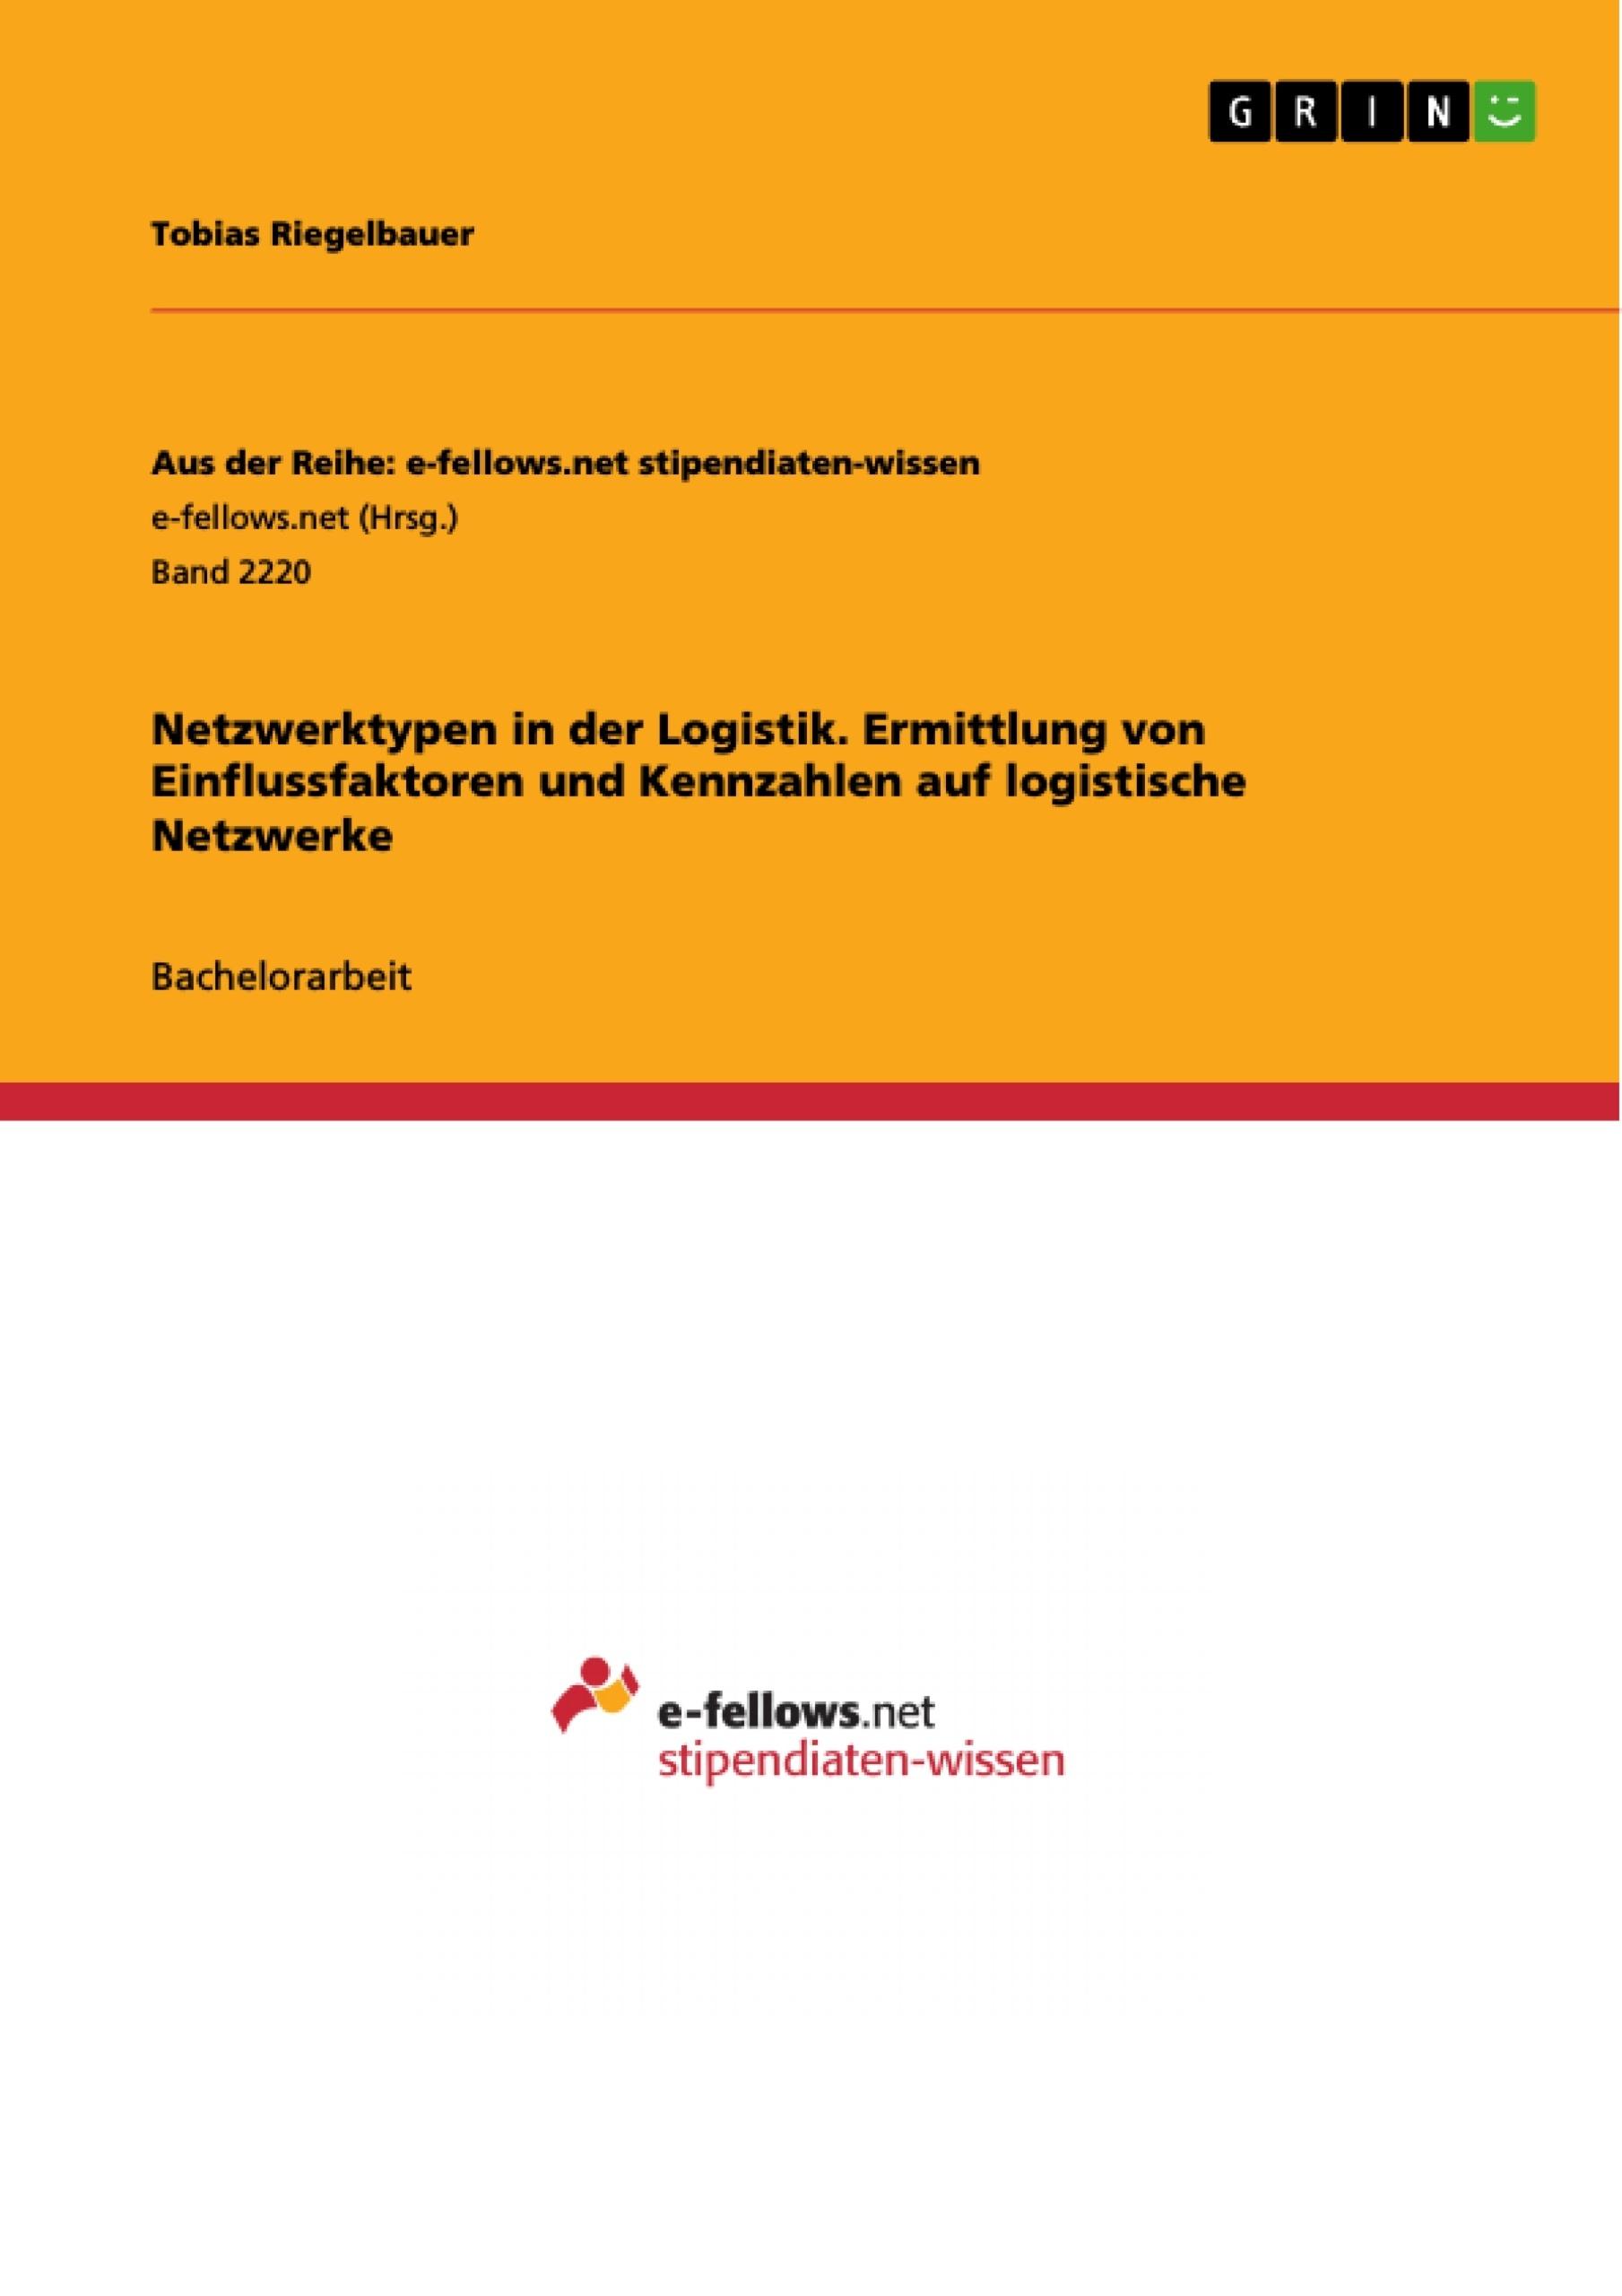 Titel: Netzwerktypen in der Logistik. Ermittlung von Einflussfaktoren und Kennzahlen auf logistische Netzwerke